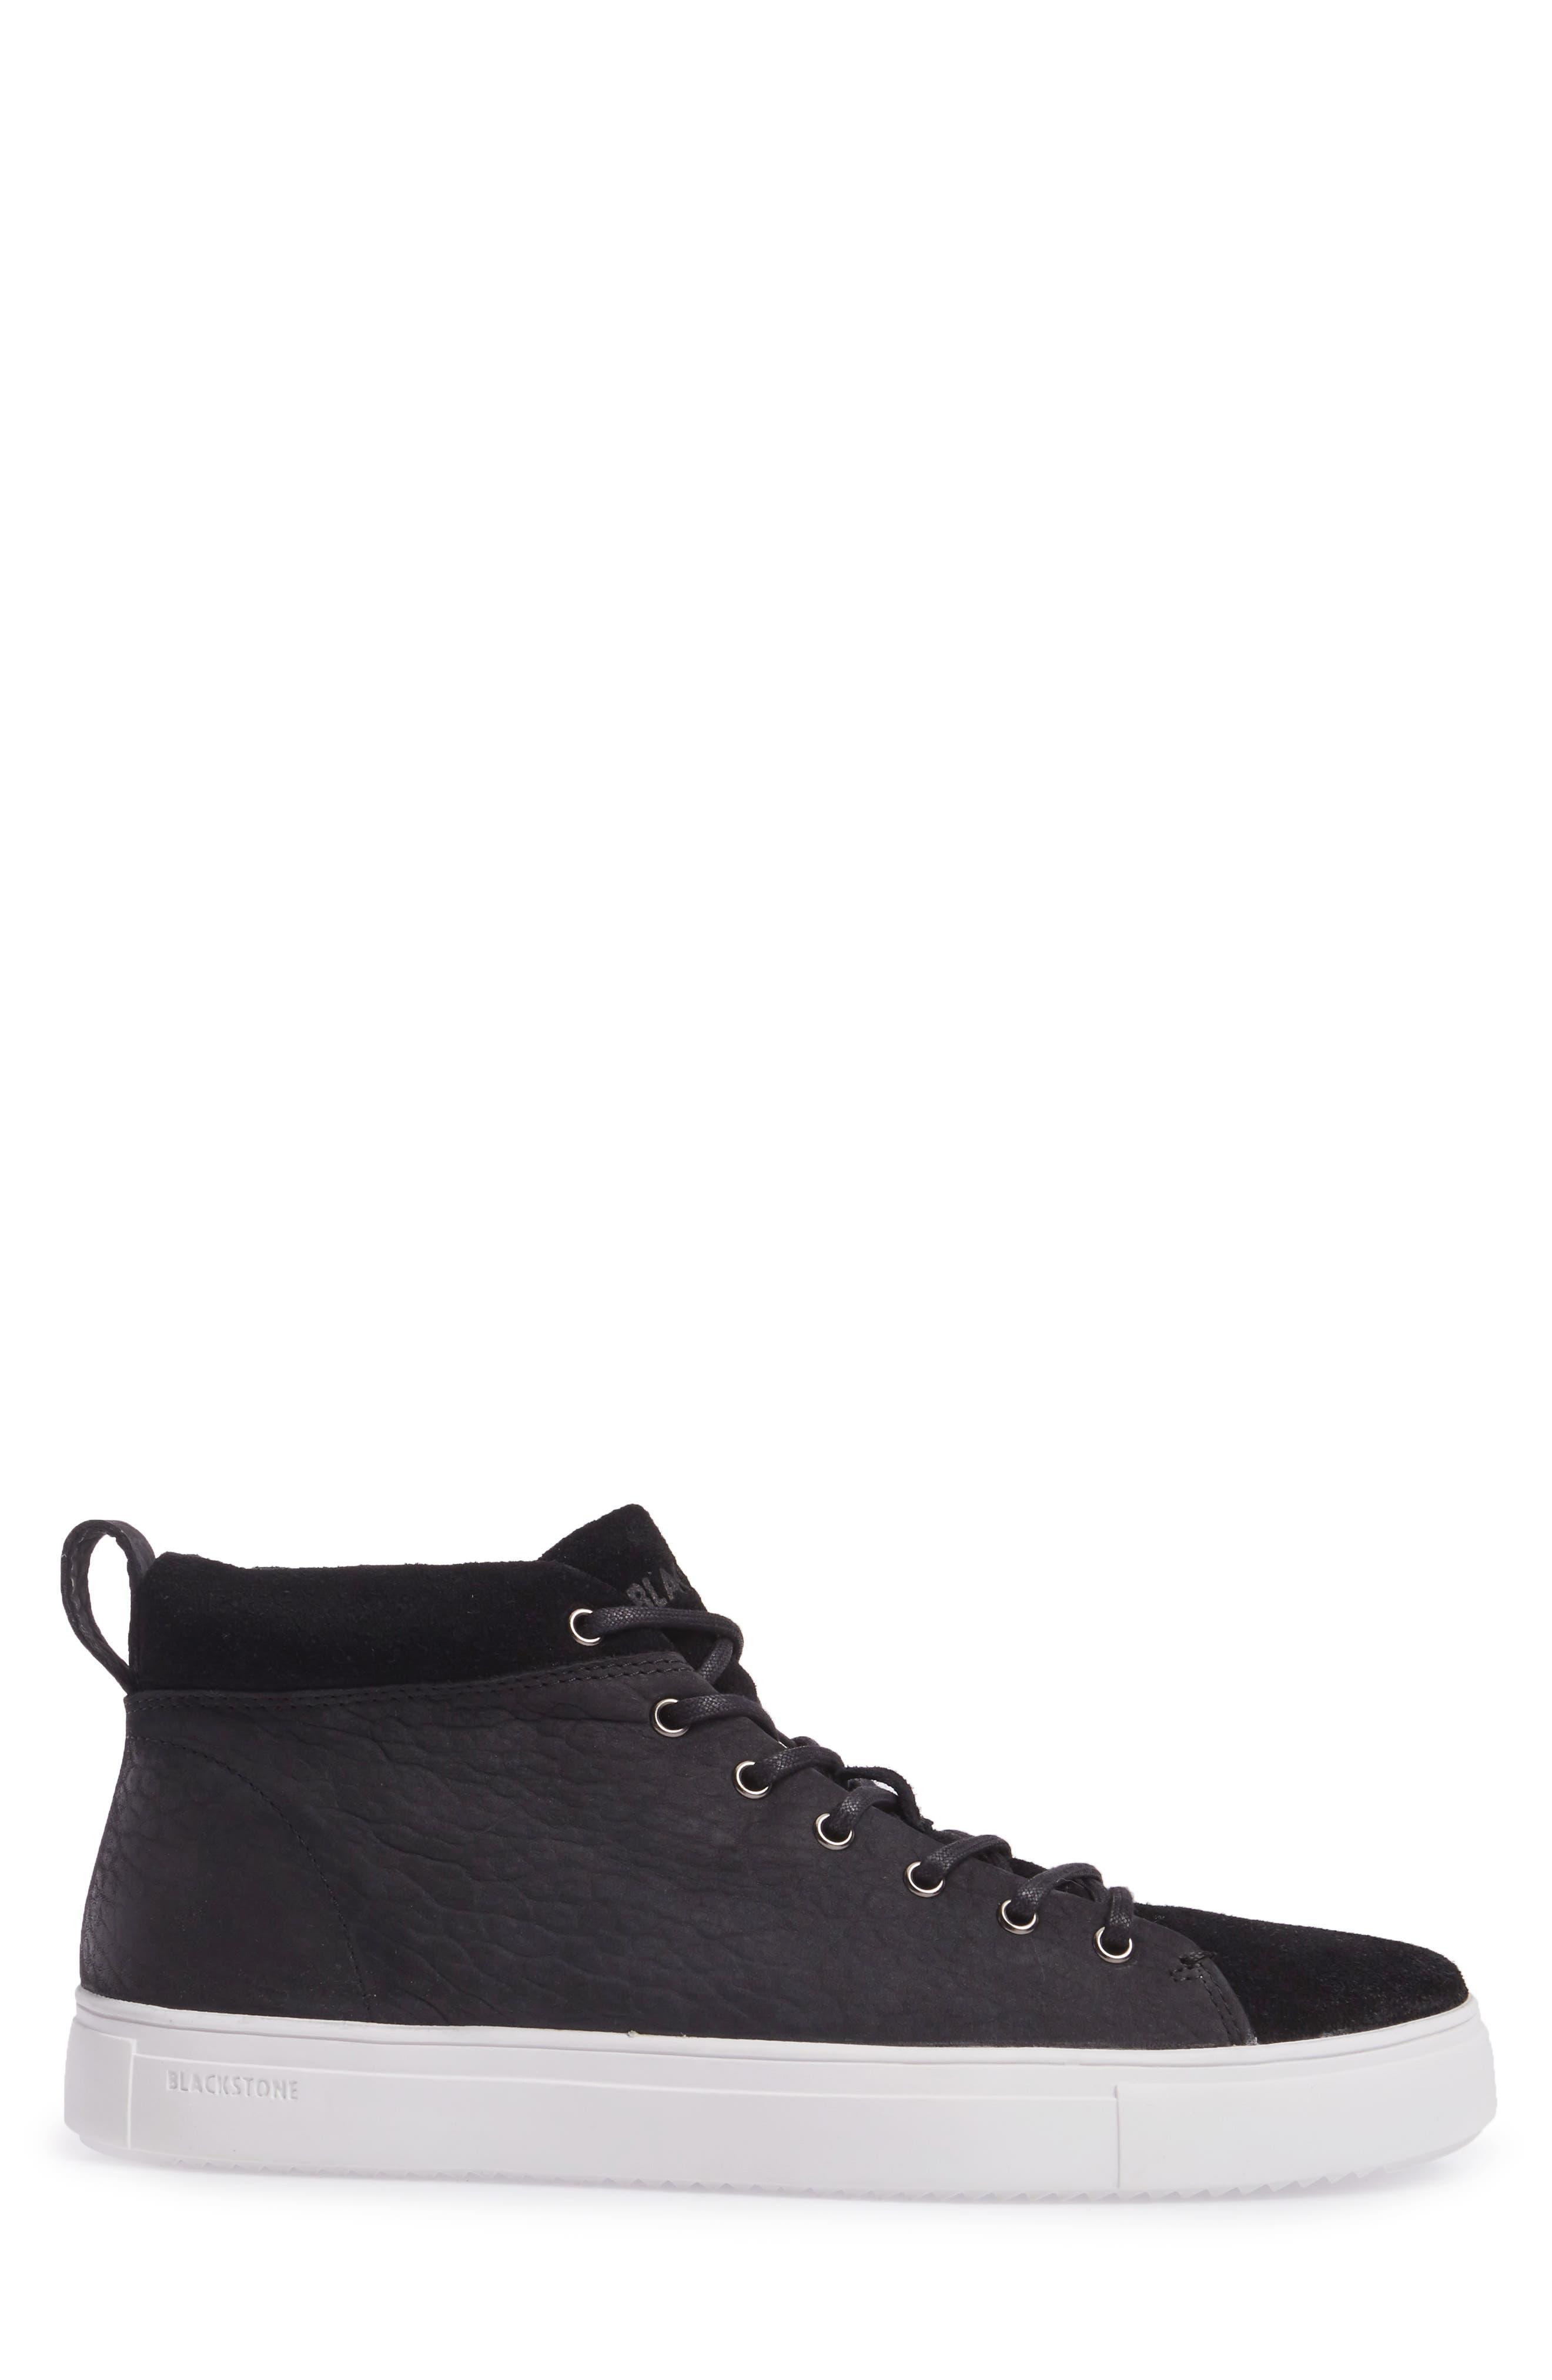 OM 56 Sneaker,                             Alternate thumbnail 3, color,                             BLACK LEATHER